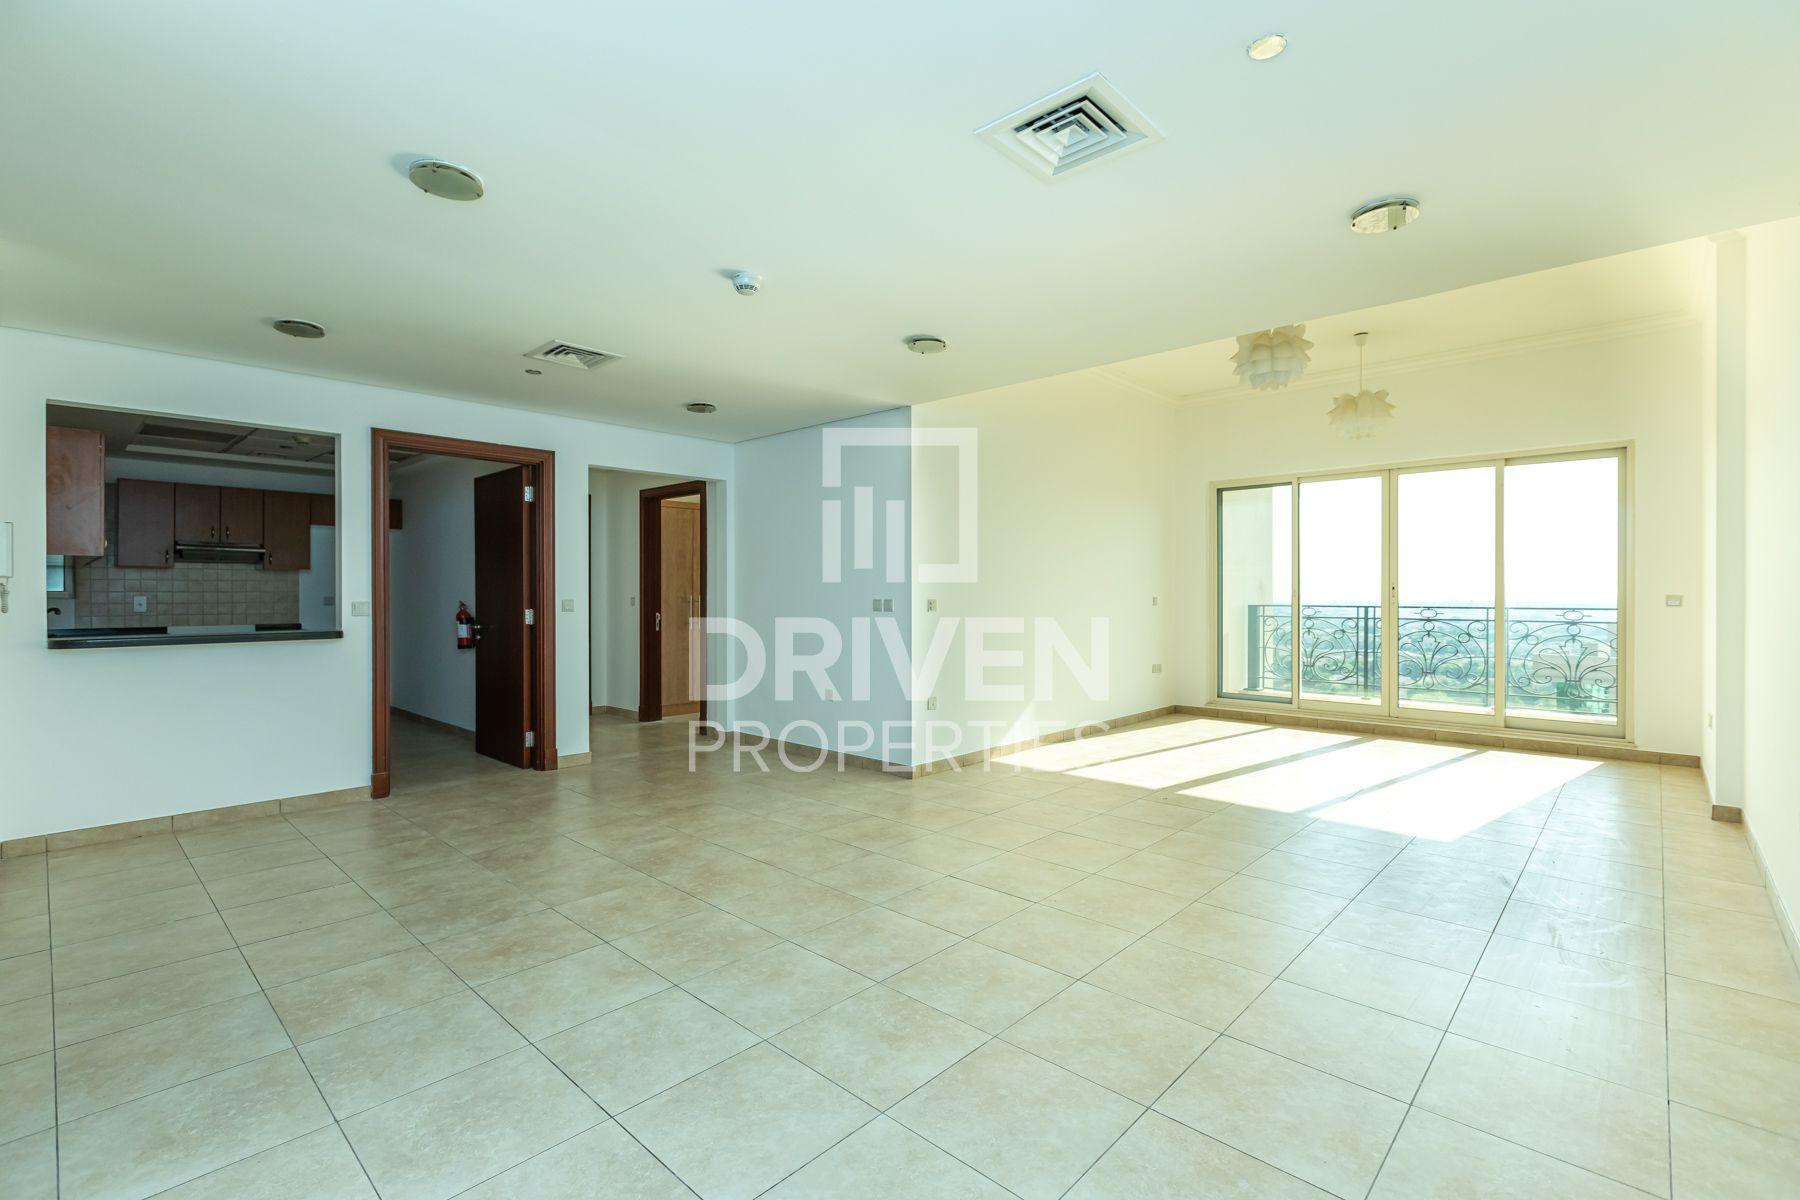 1,439 قدم مربع  شقة - للايجار - مدينة دبي الرياضية